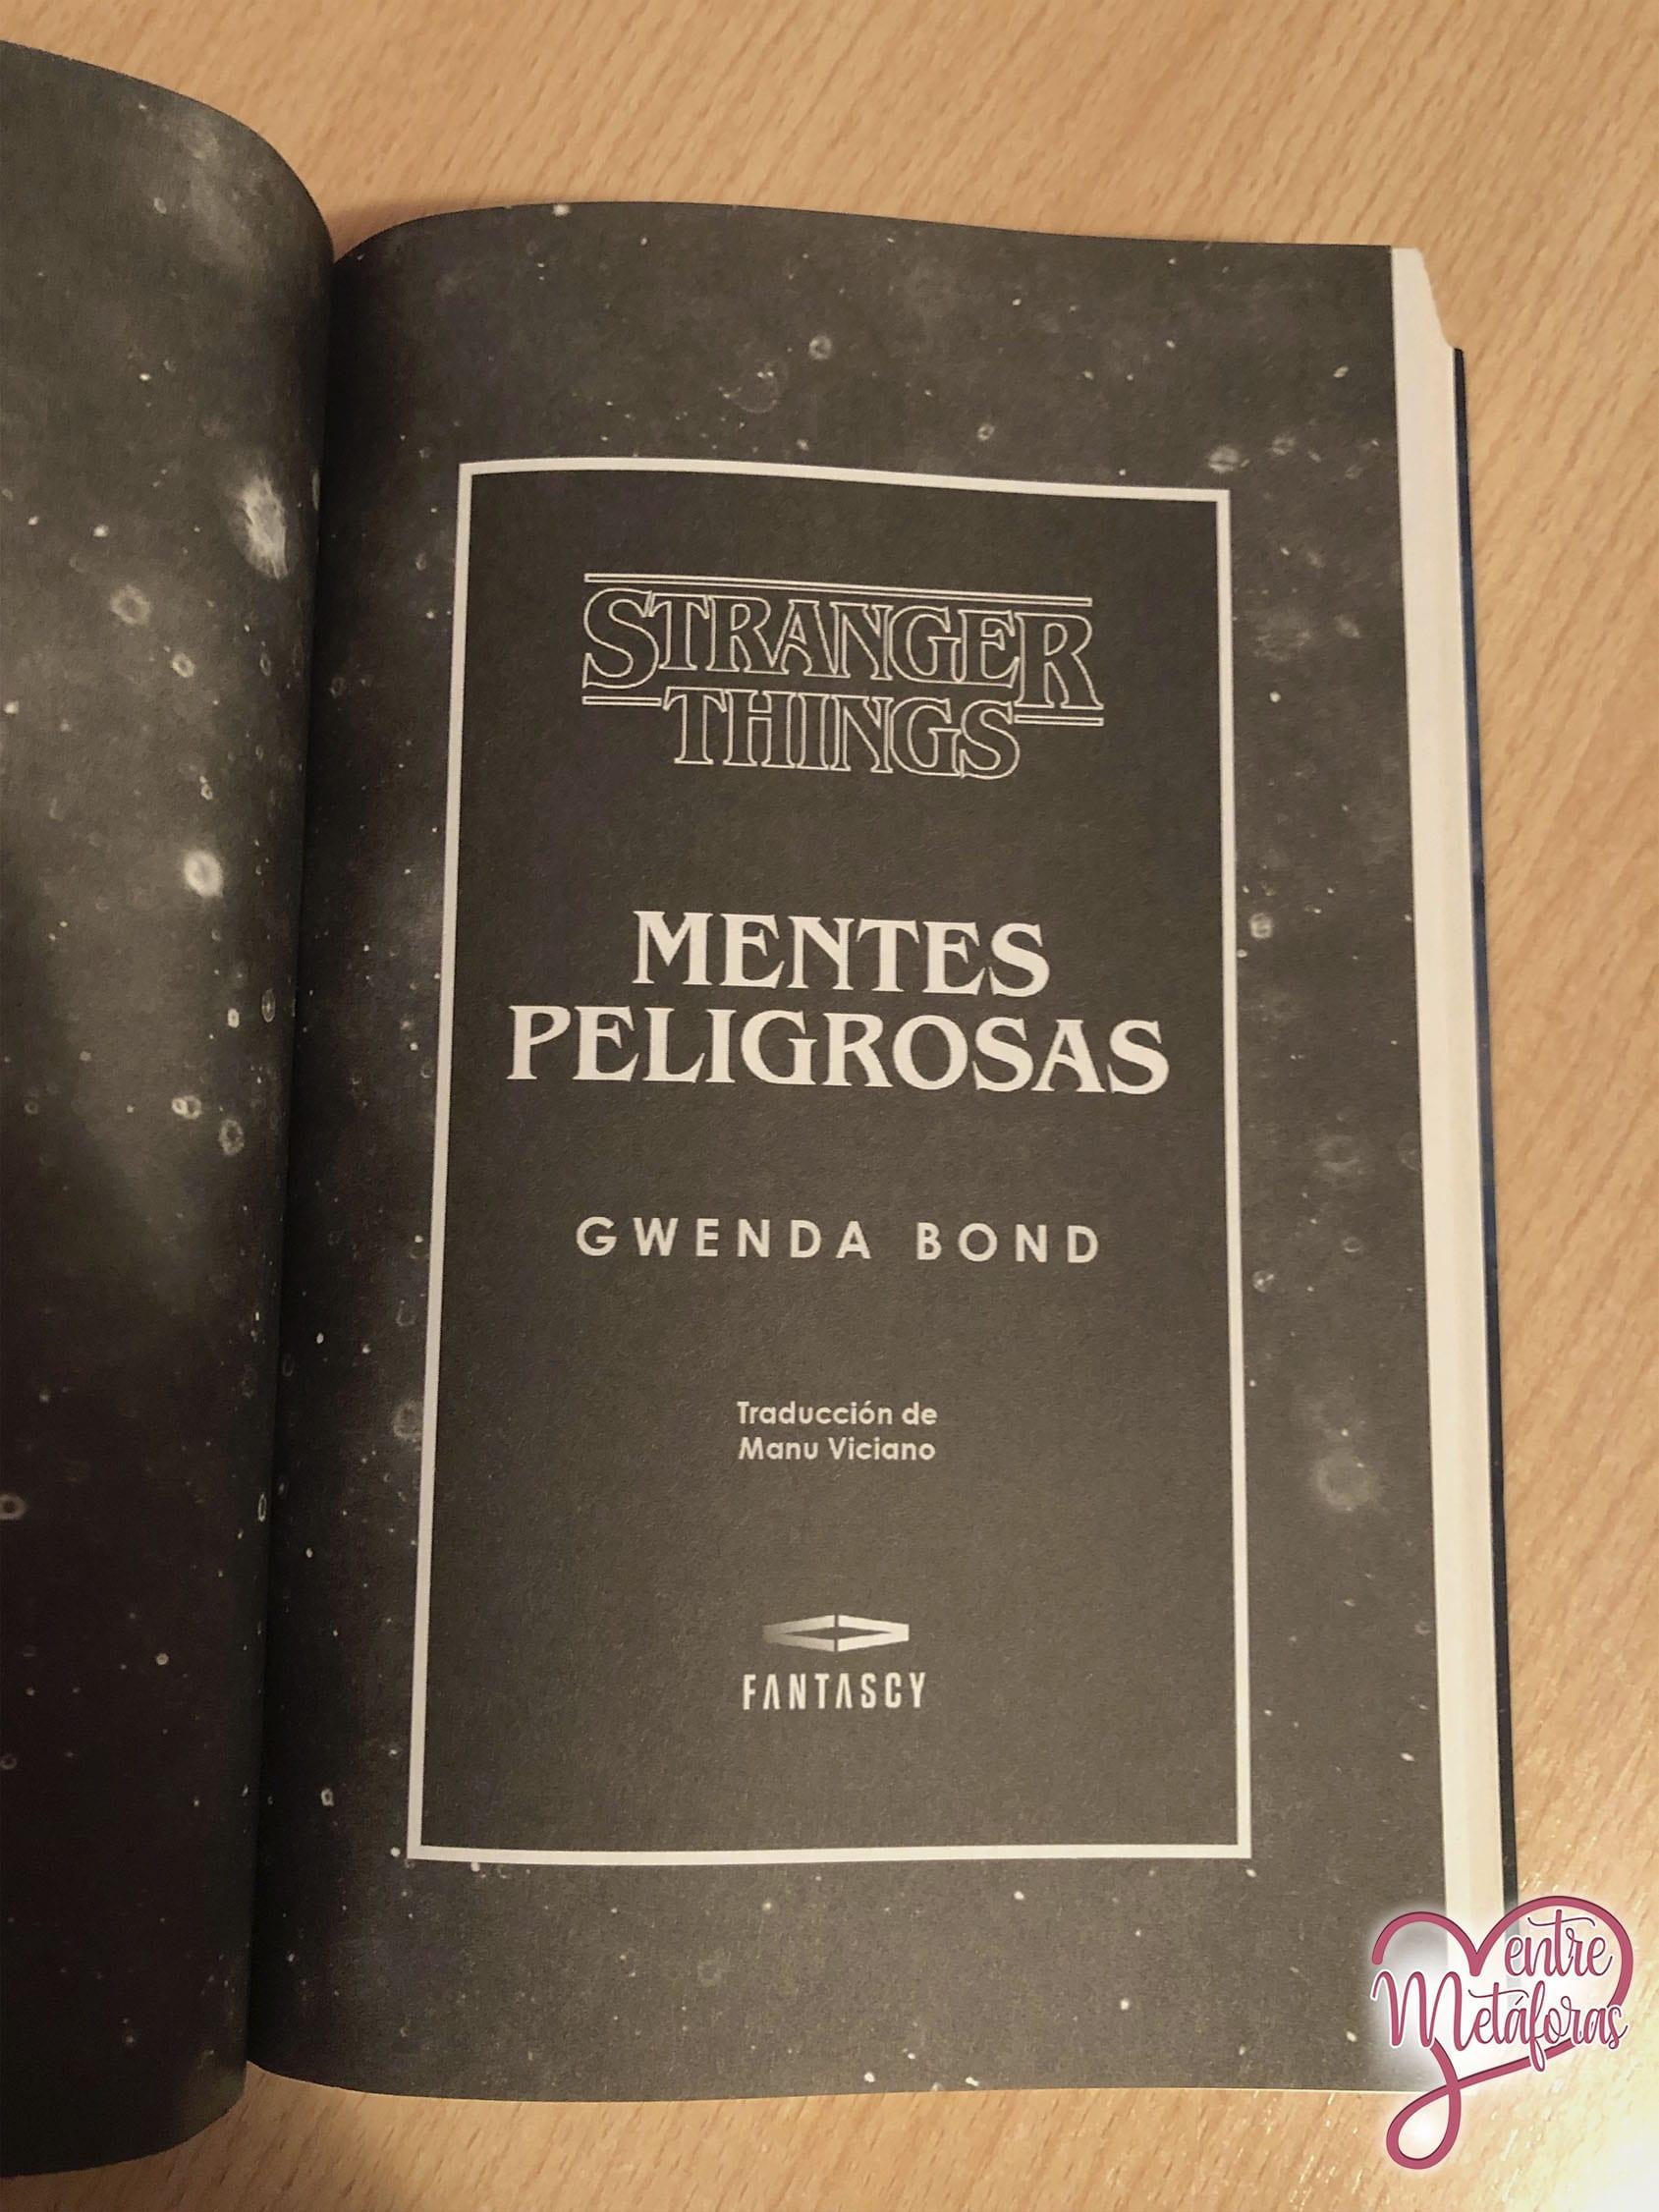 Mentes Peligrosas, de Gwenda Bond - Reseña